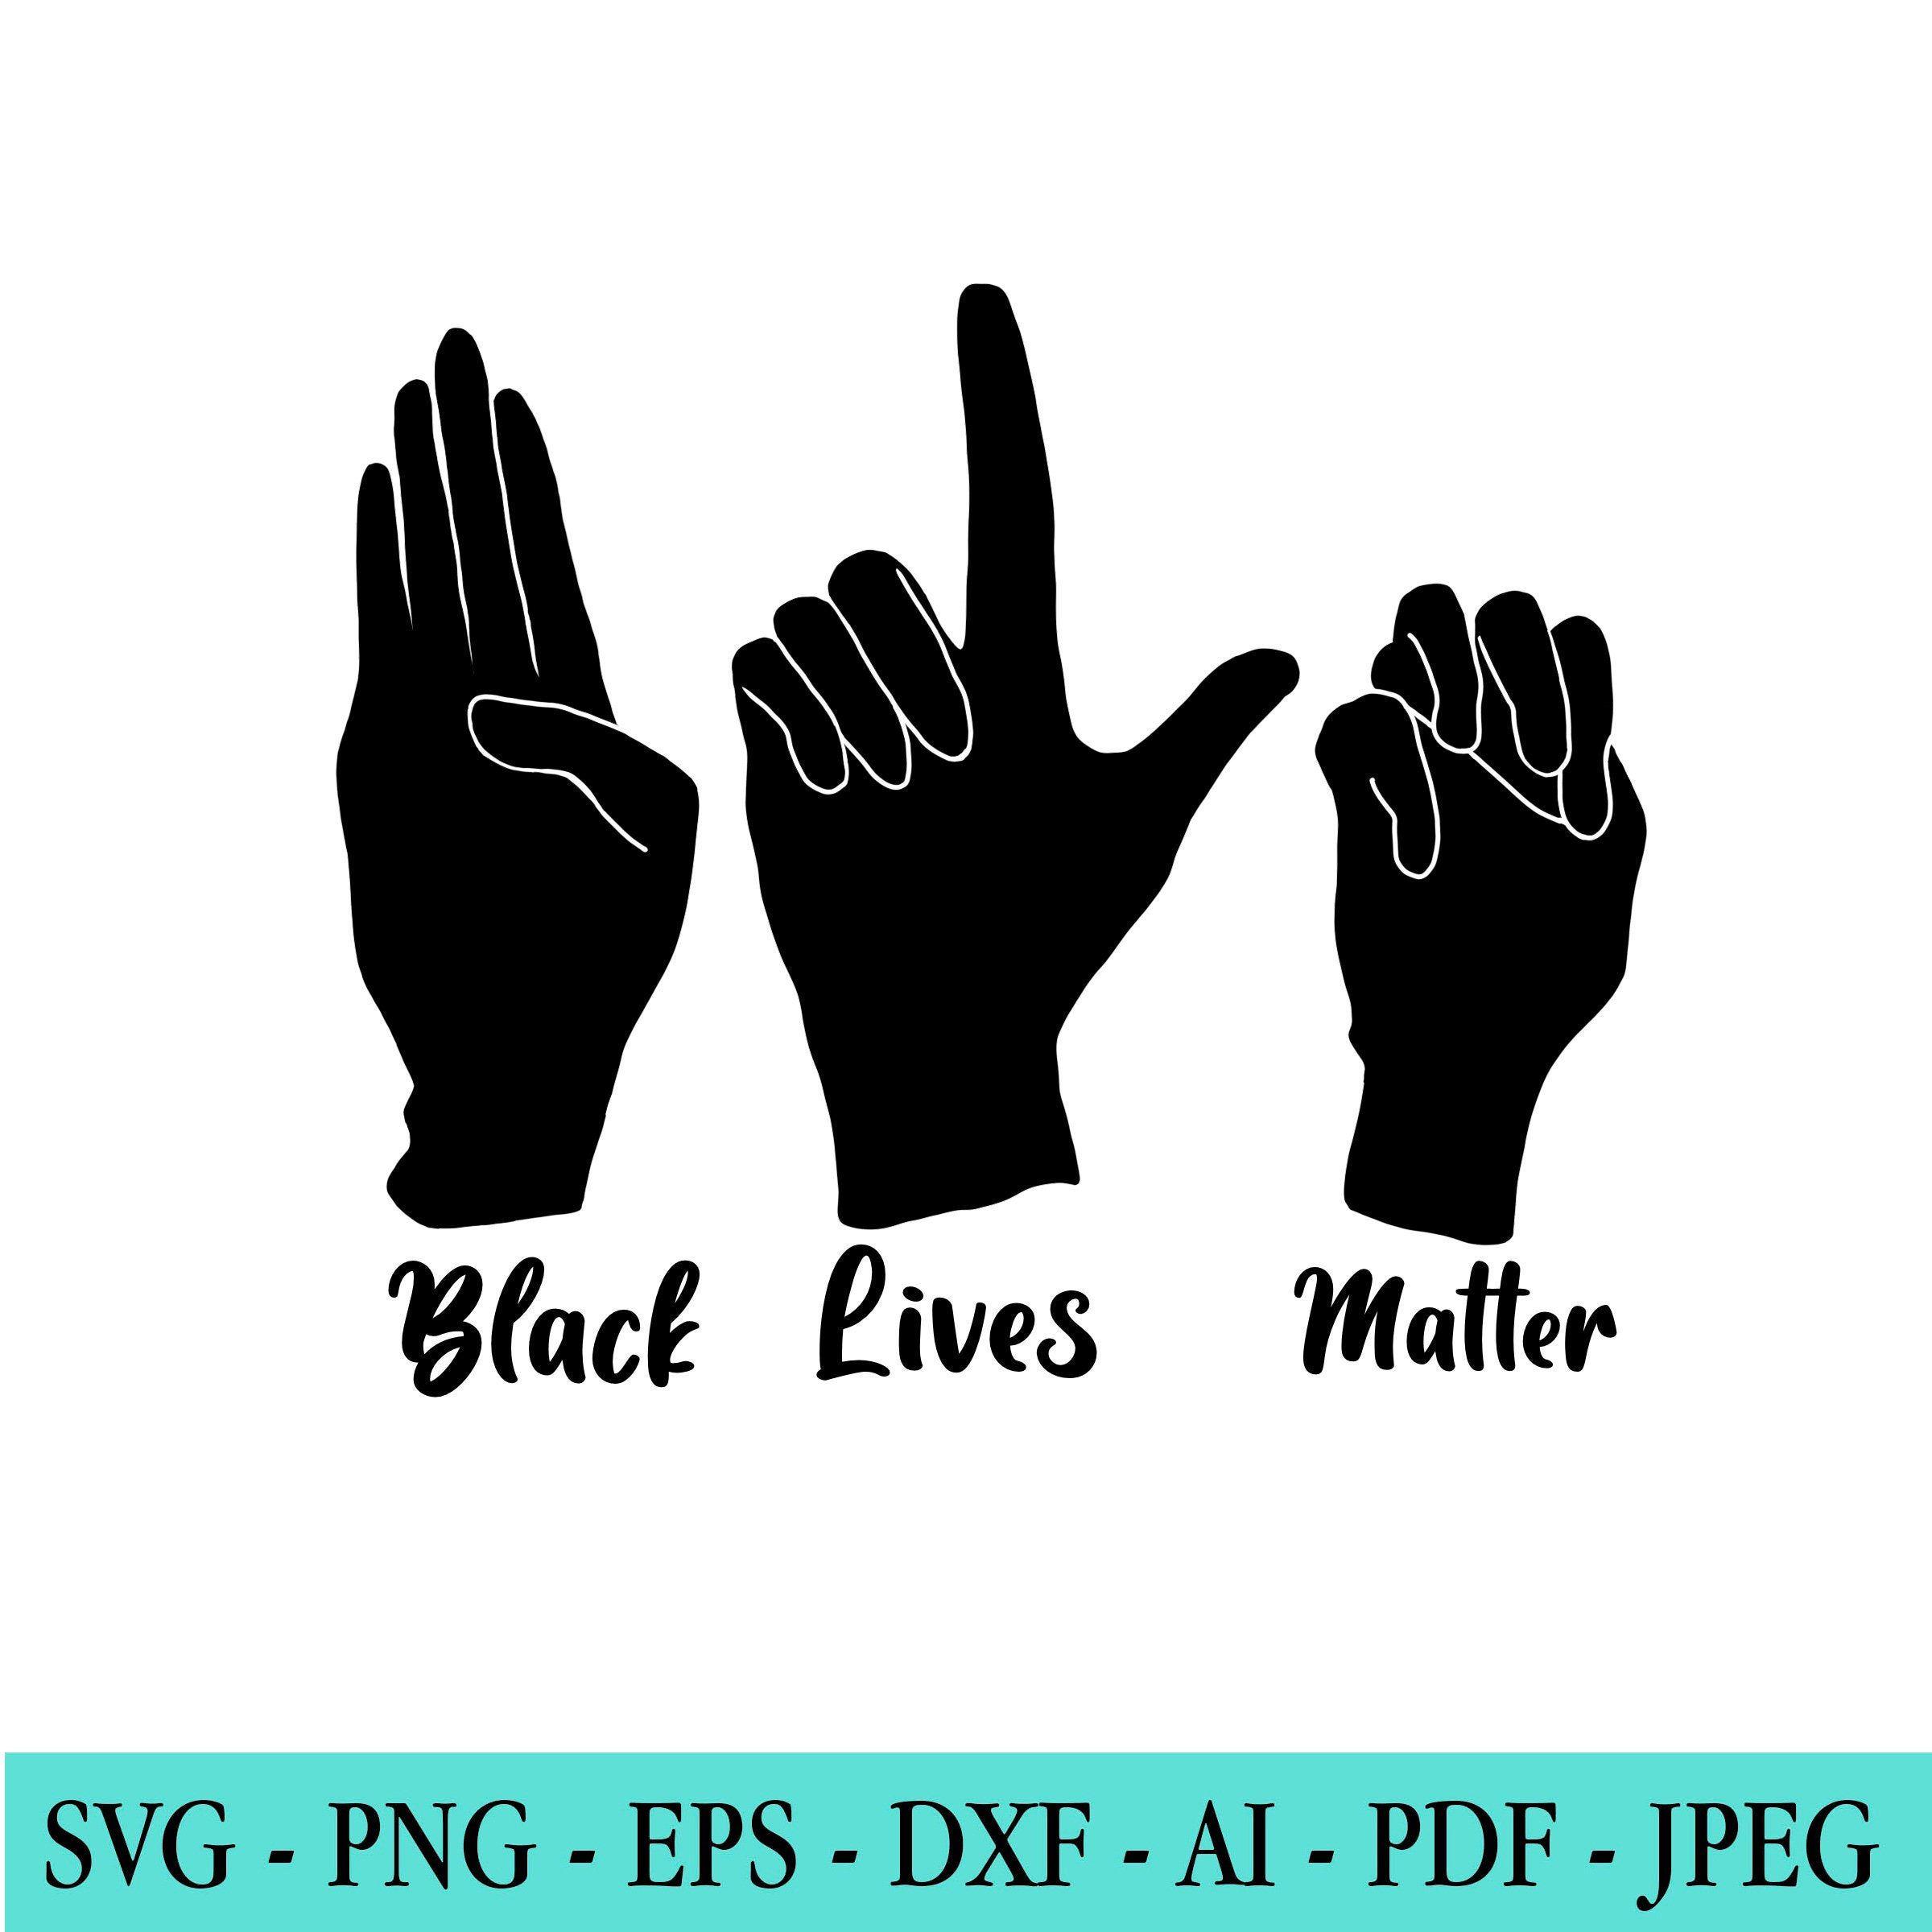 Black Lives Matter Sign Language Svg Png Blm Svg Png Svg Etsy Black Lives Matter Poster Black Lives Matter Art Black Lives Matter Quotes